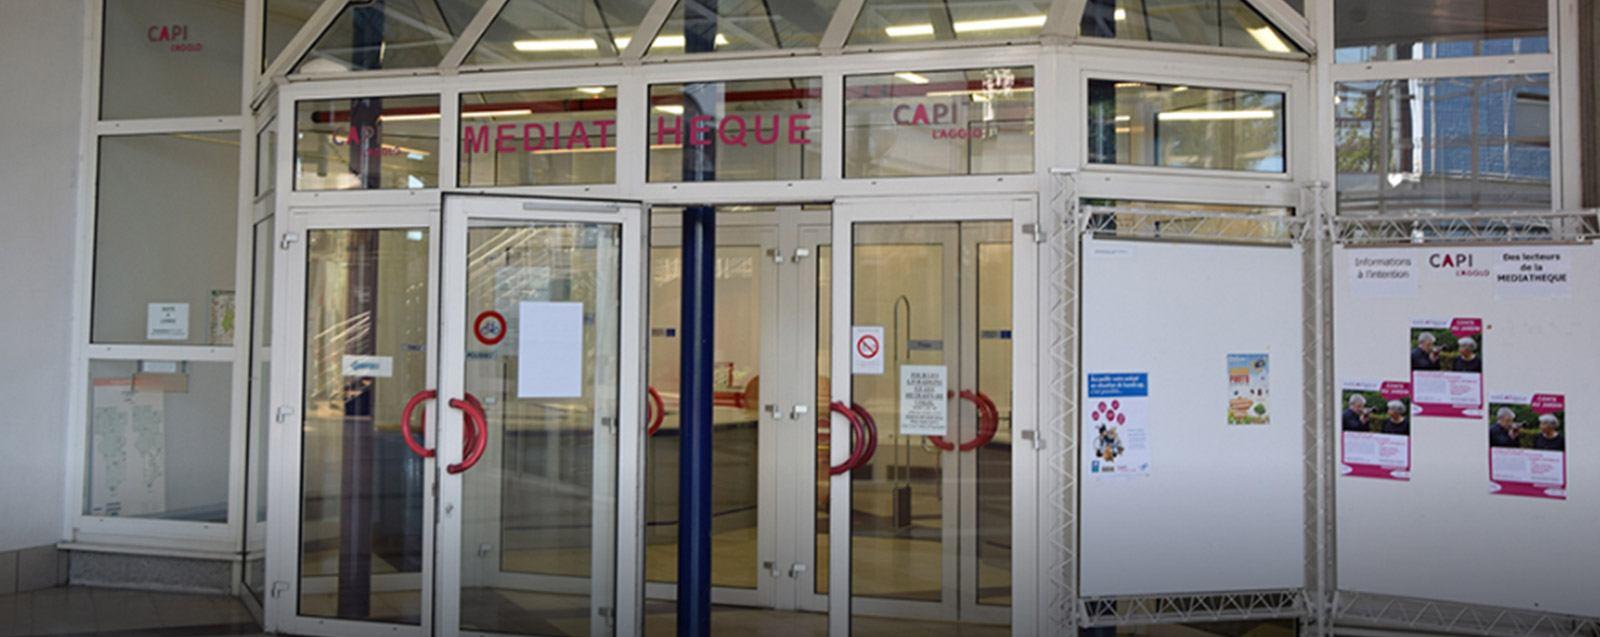 Médiathèque CAPI Villefontaine